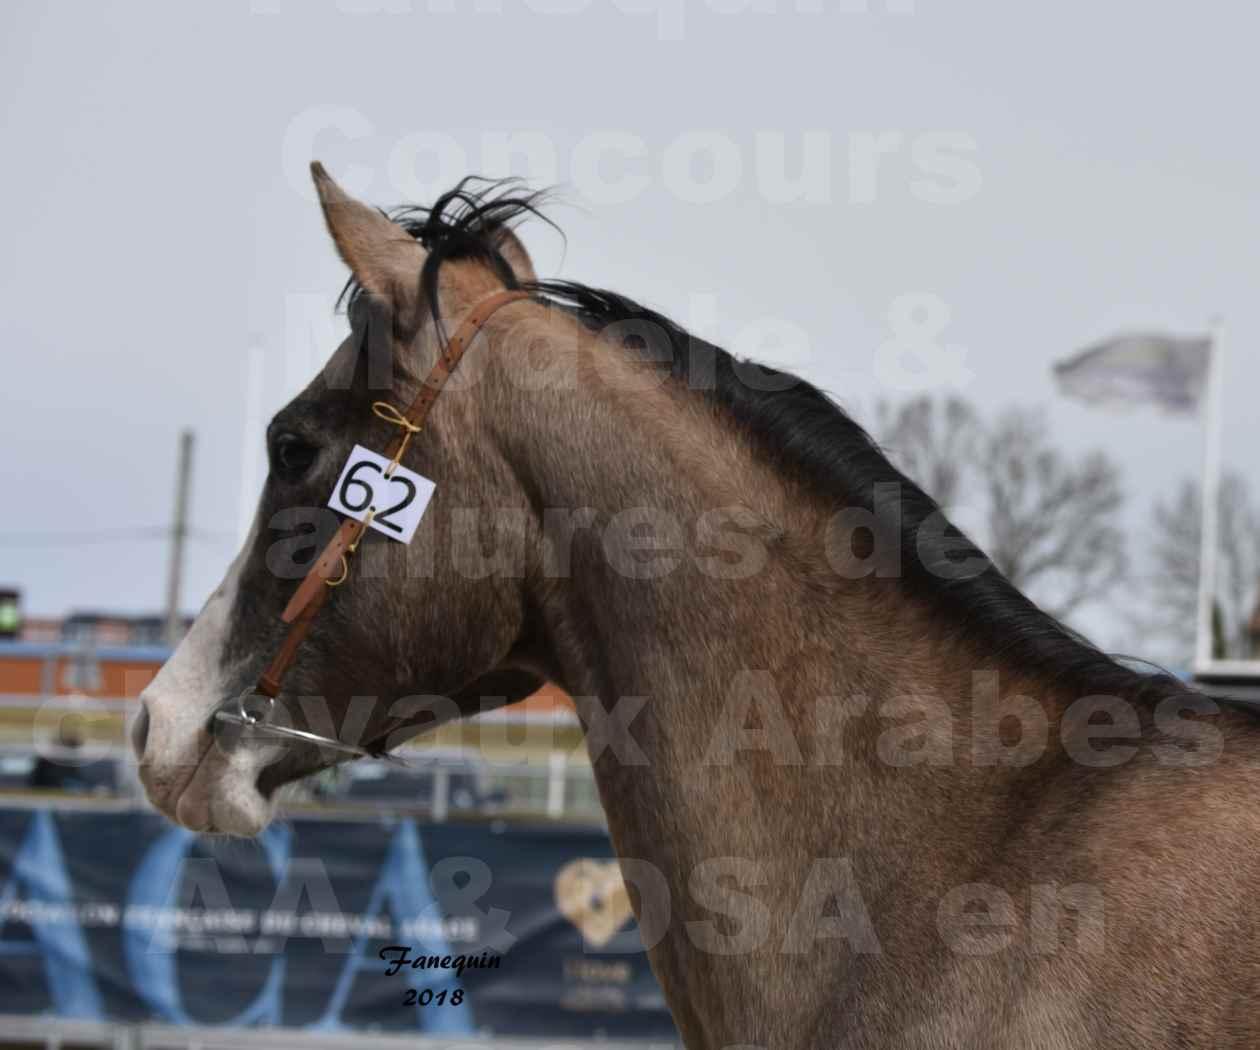 Concours d'élevage de Chevaux Arabes - Demi Sang Arabes - Anglo Arabes - ALBI les 6 & 7 Avril 2018 - FLORIA DU PUECH - Notre Sélection - Portraits - 3